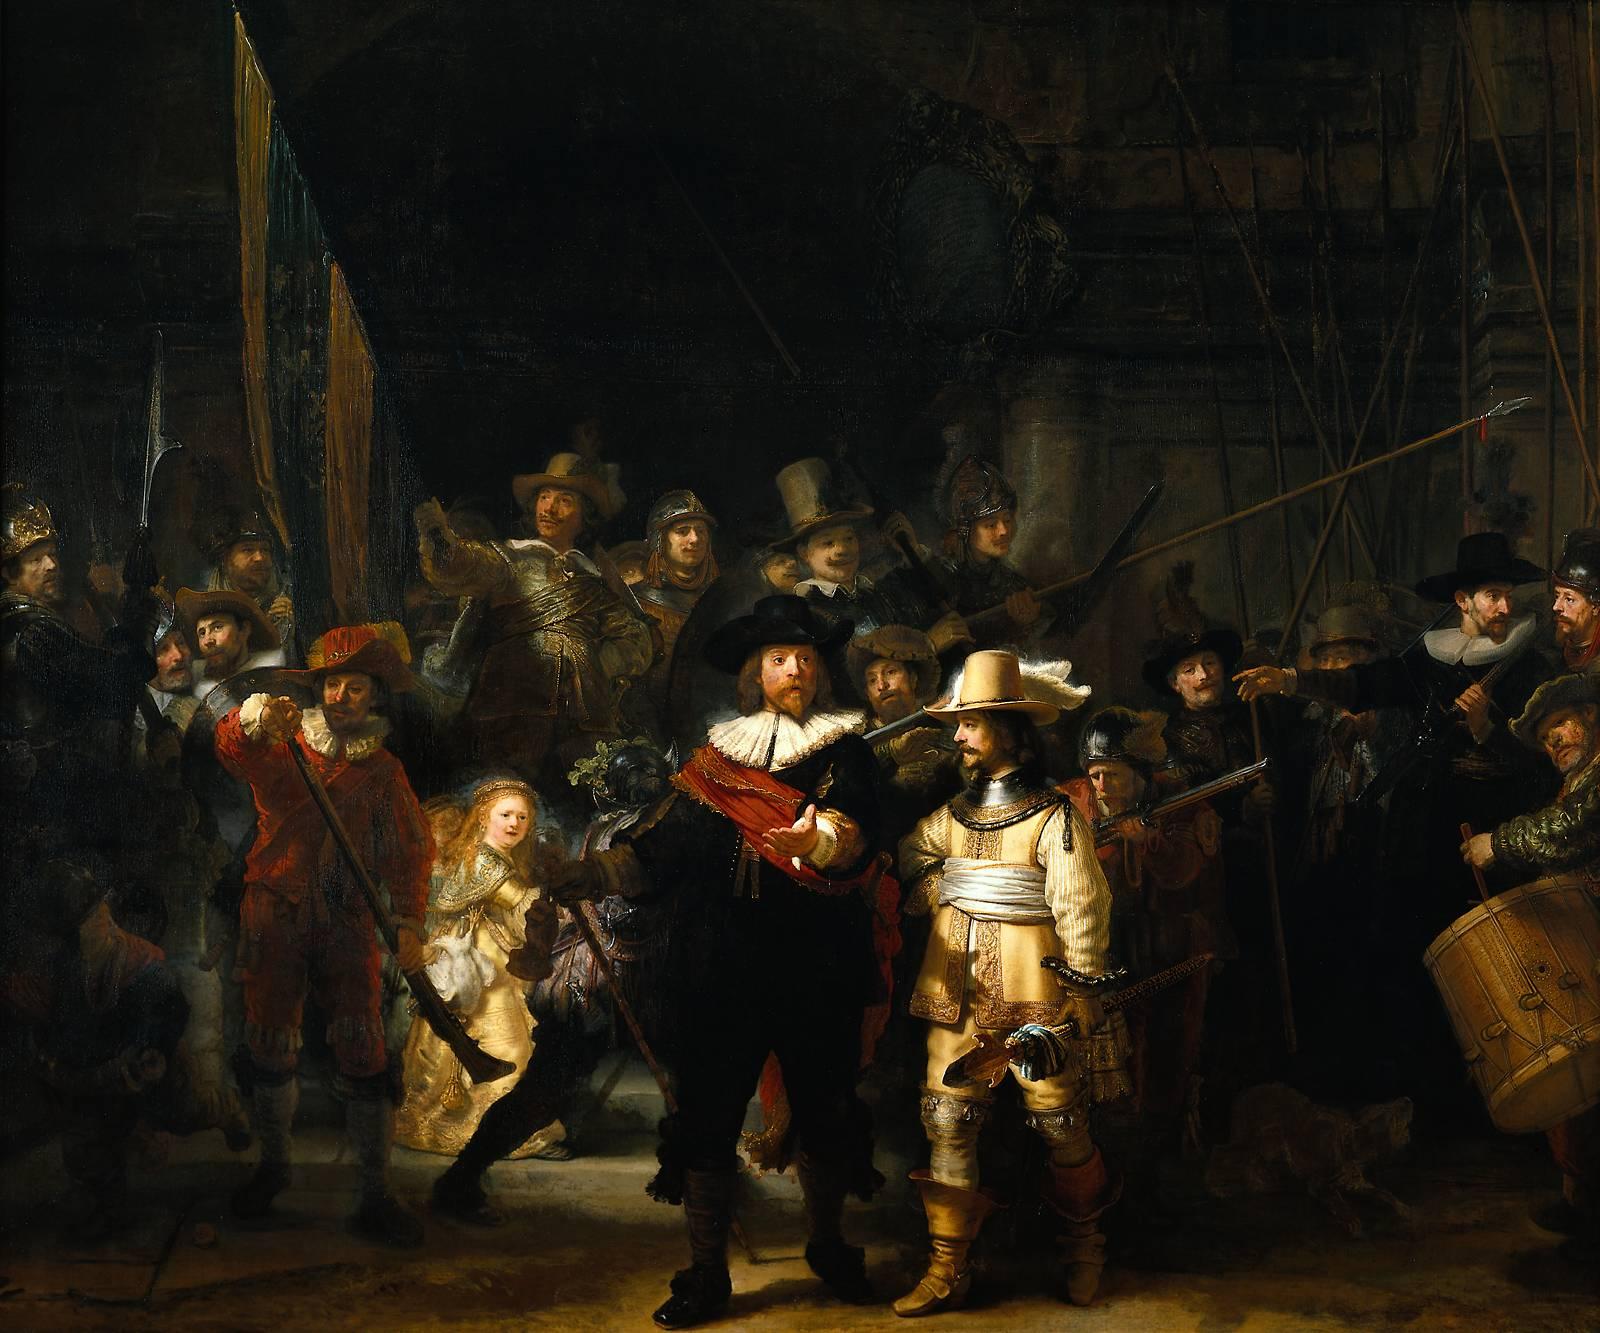 The Night Watch (1642)